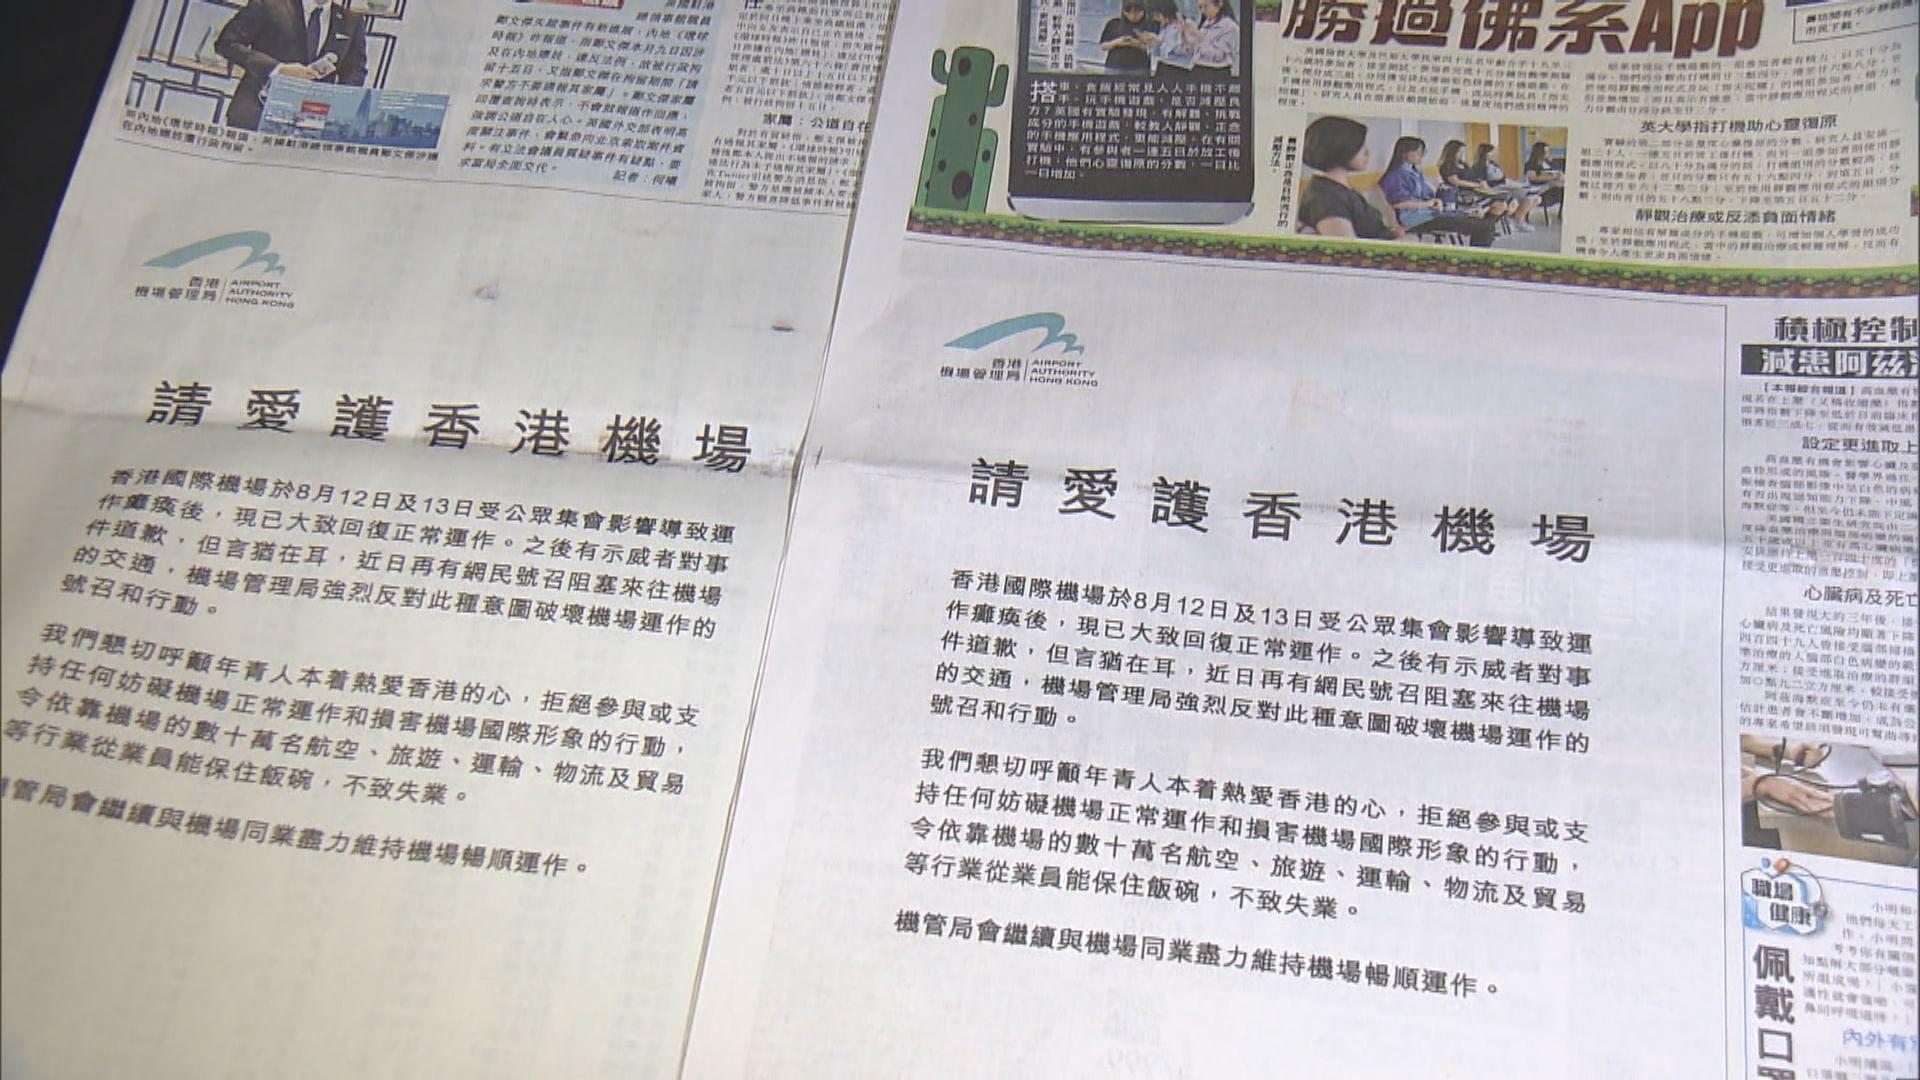 機管局強烈反對意圖破壞機場運作行動